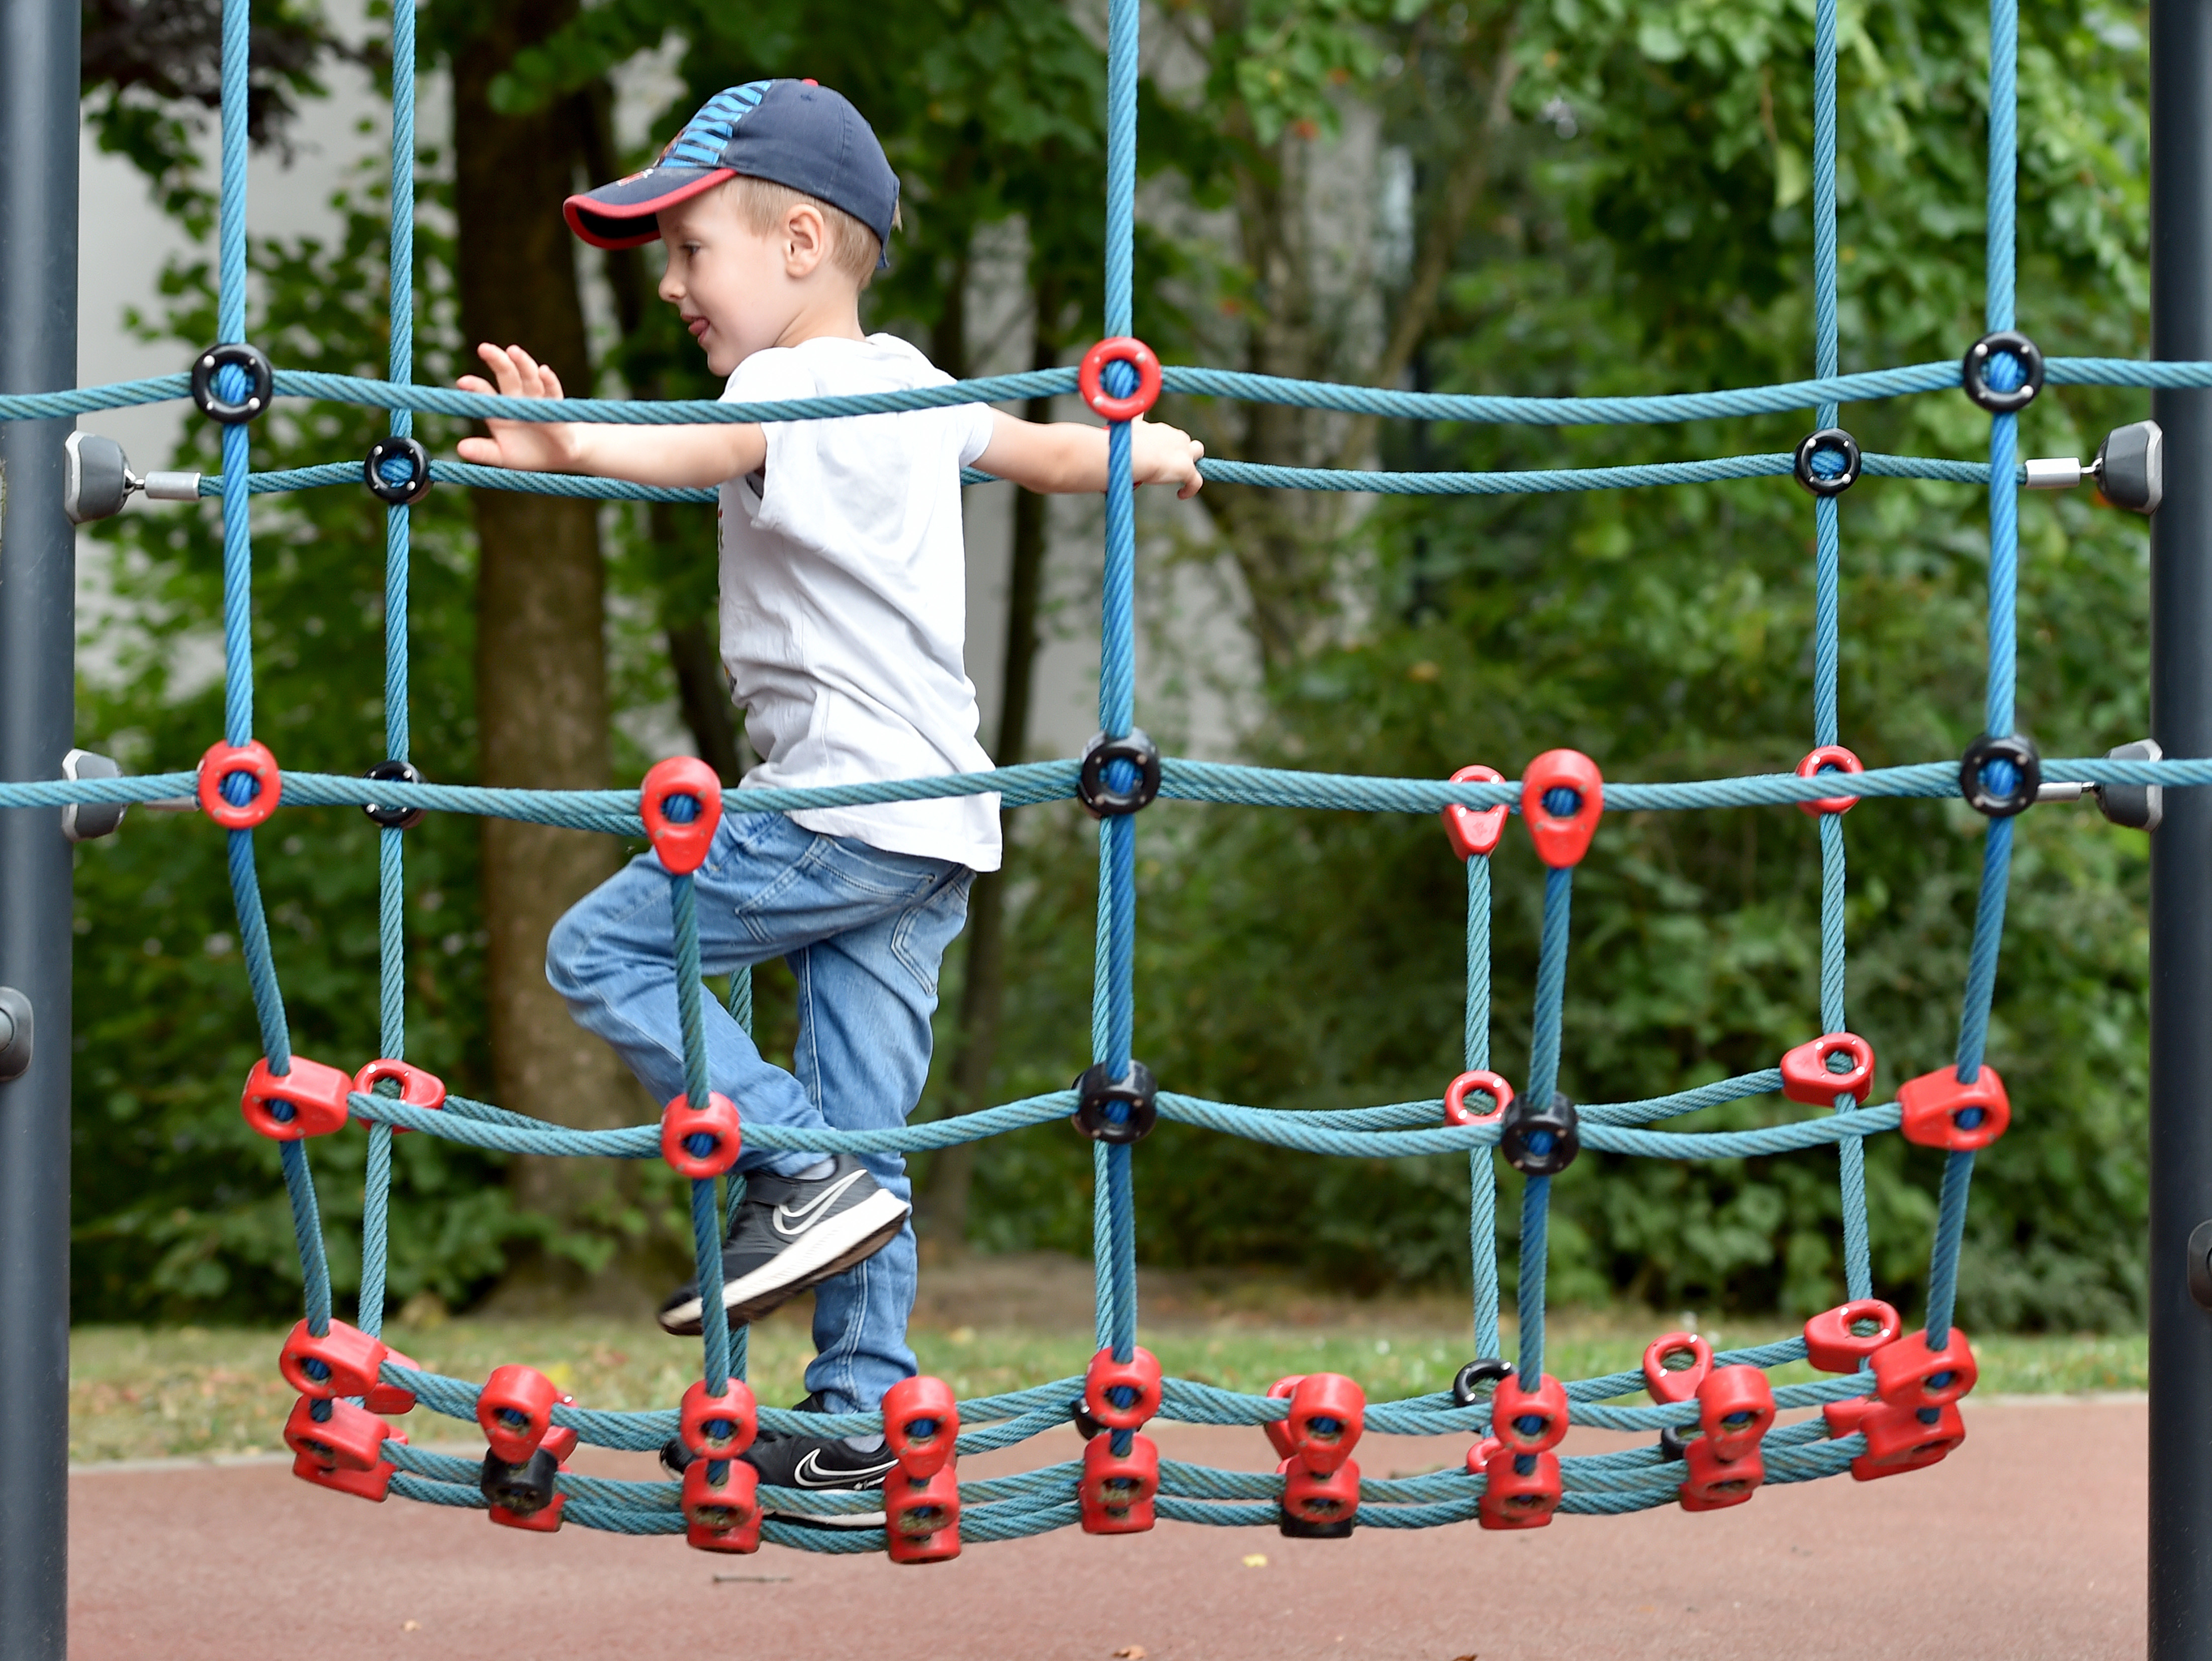 Ab auf die Spielwiese: Es gibt viele kostenfreie Möglichkeiten der Freizeitgestaltung für Kinder.